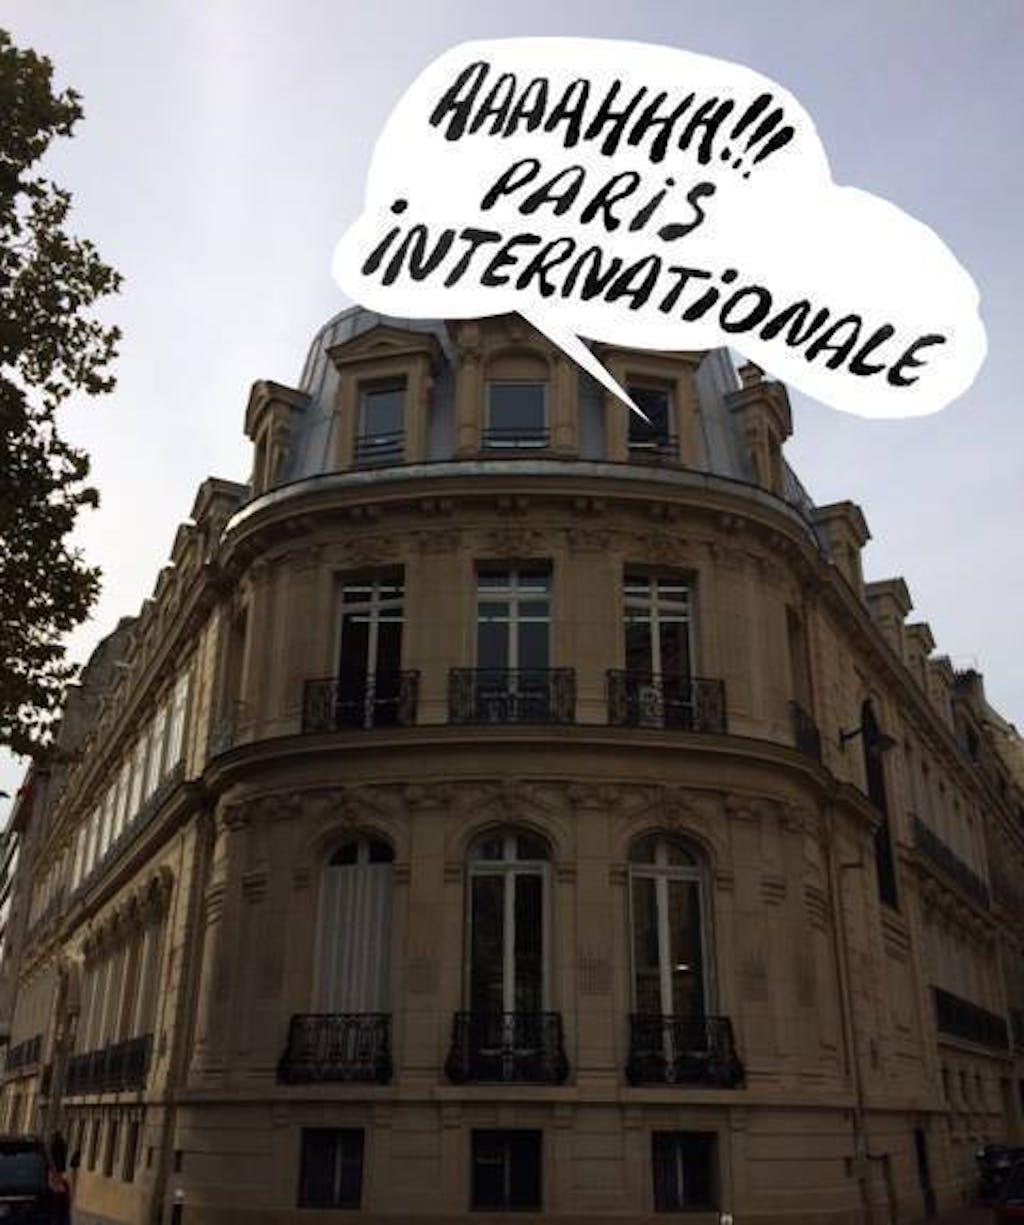 2015 - © Paris Internationale